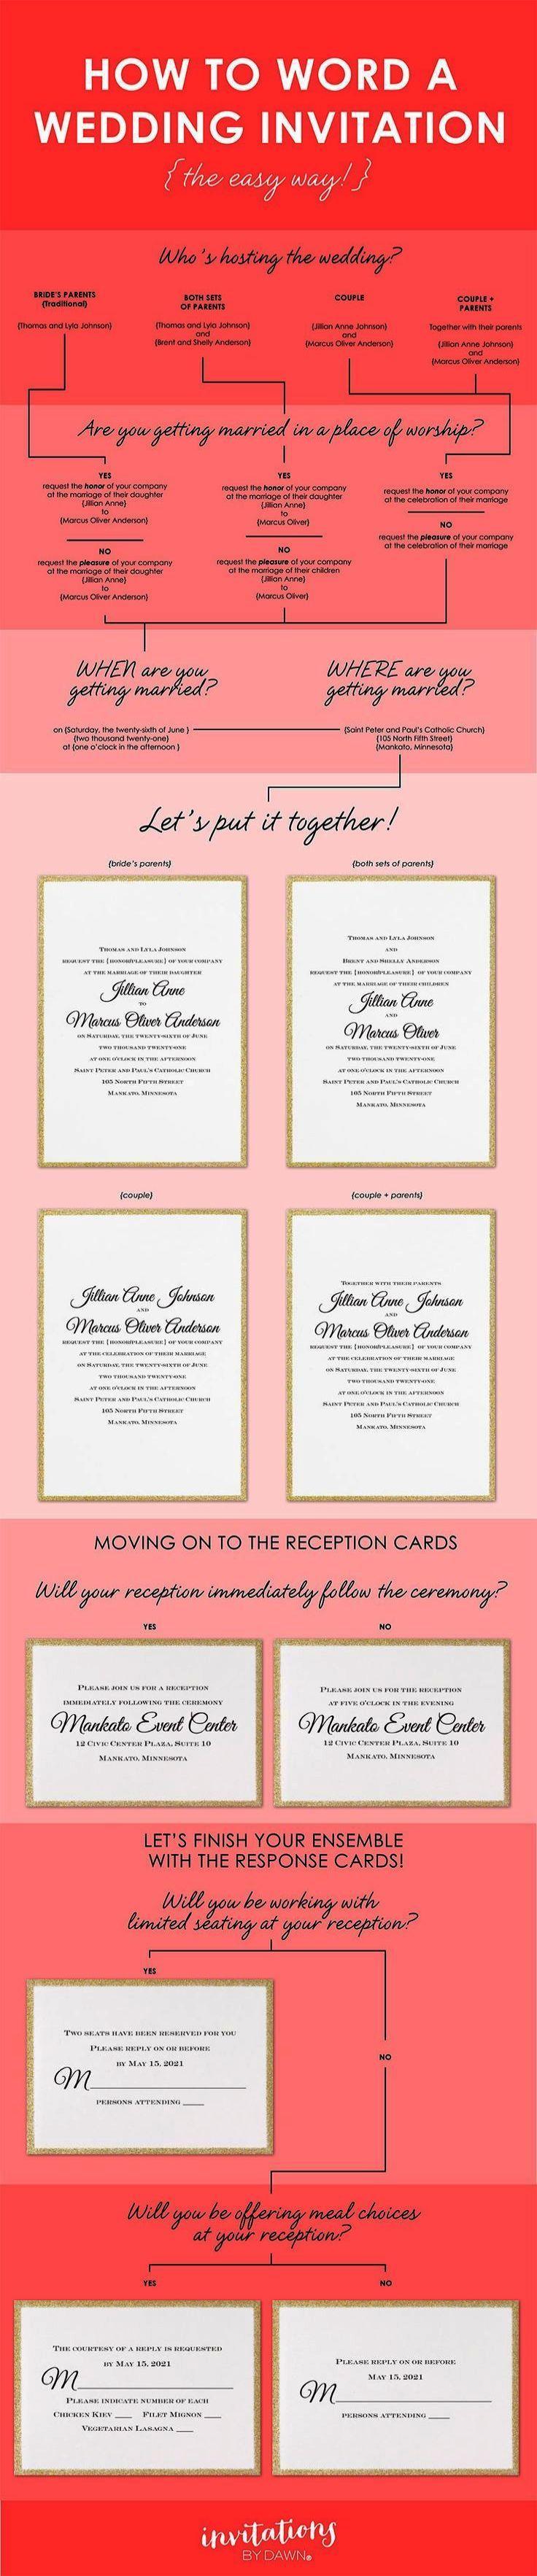 Impressive - Wedding Etiquette Tips For Vendors #twitter | Wedding ...